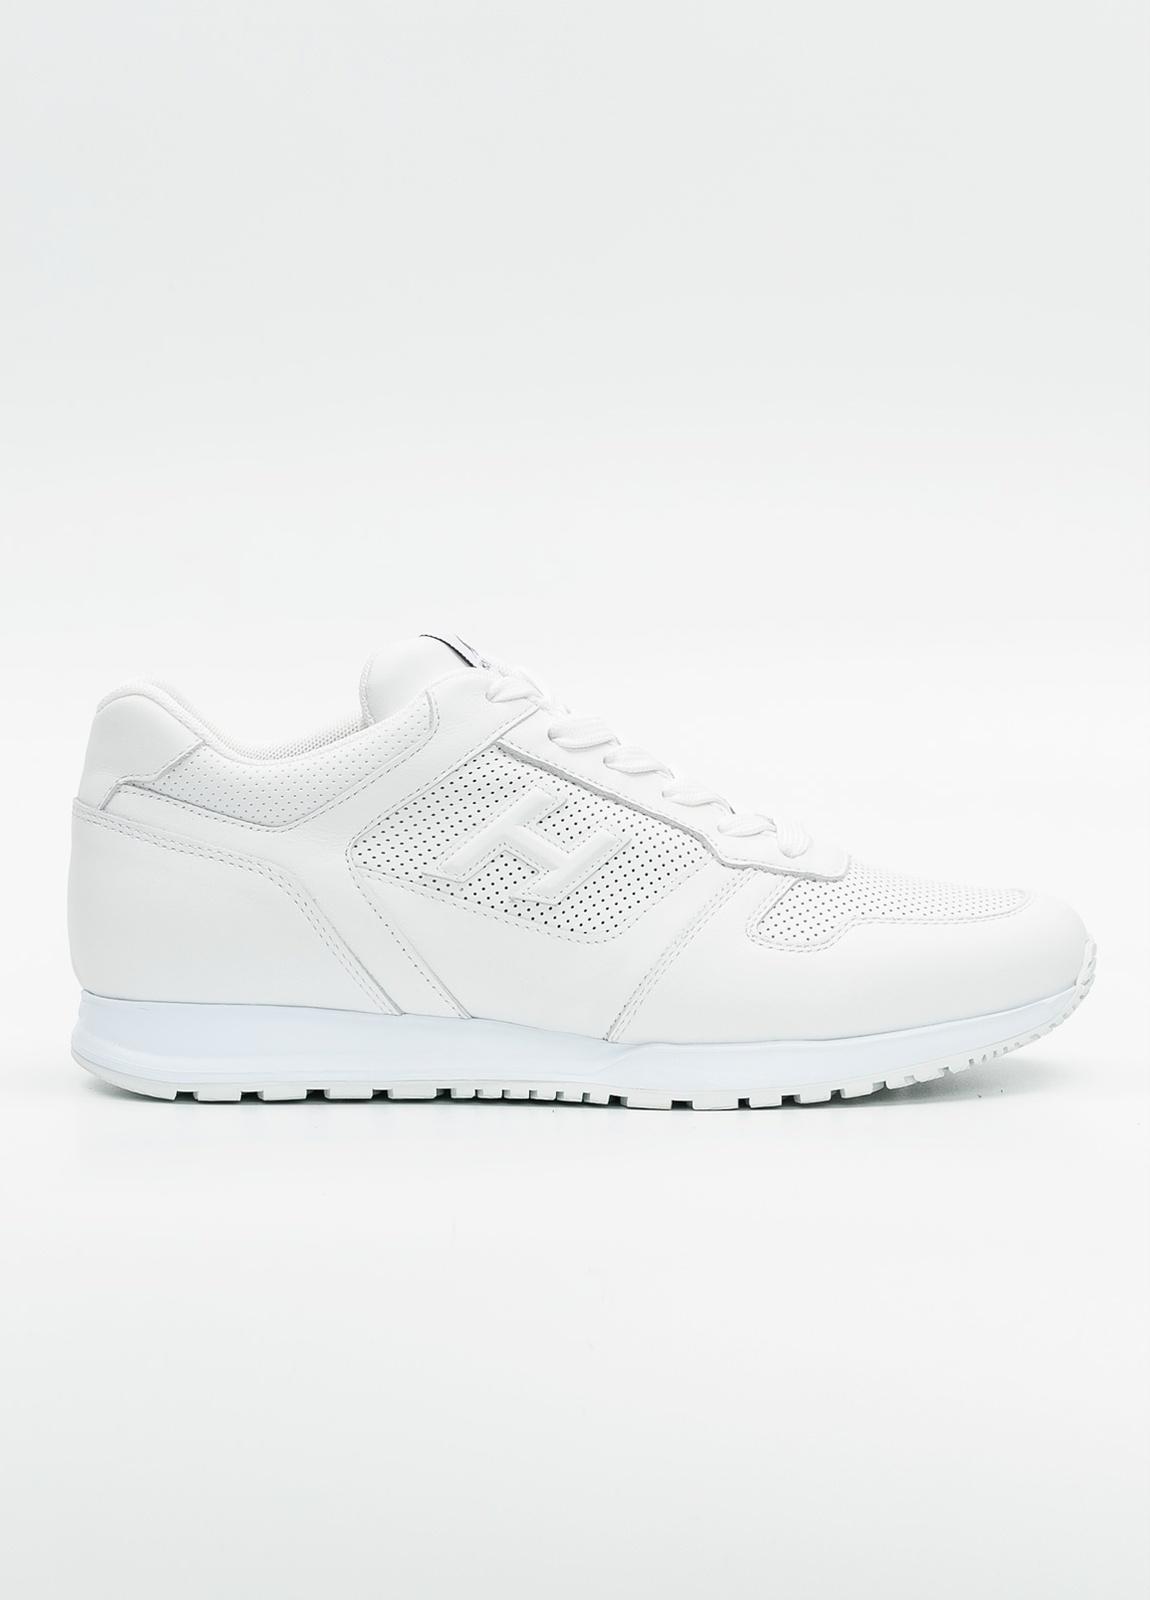 Calzado modelo OLIMPIA color blanco, 100% Piel.